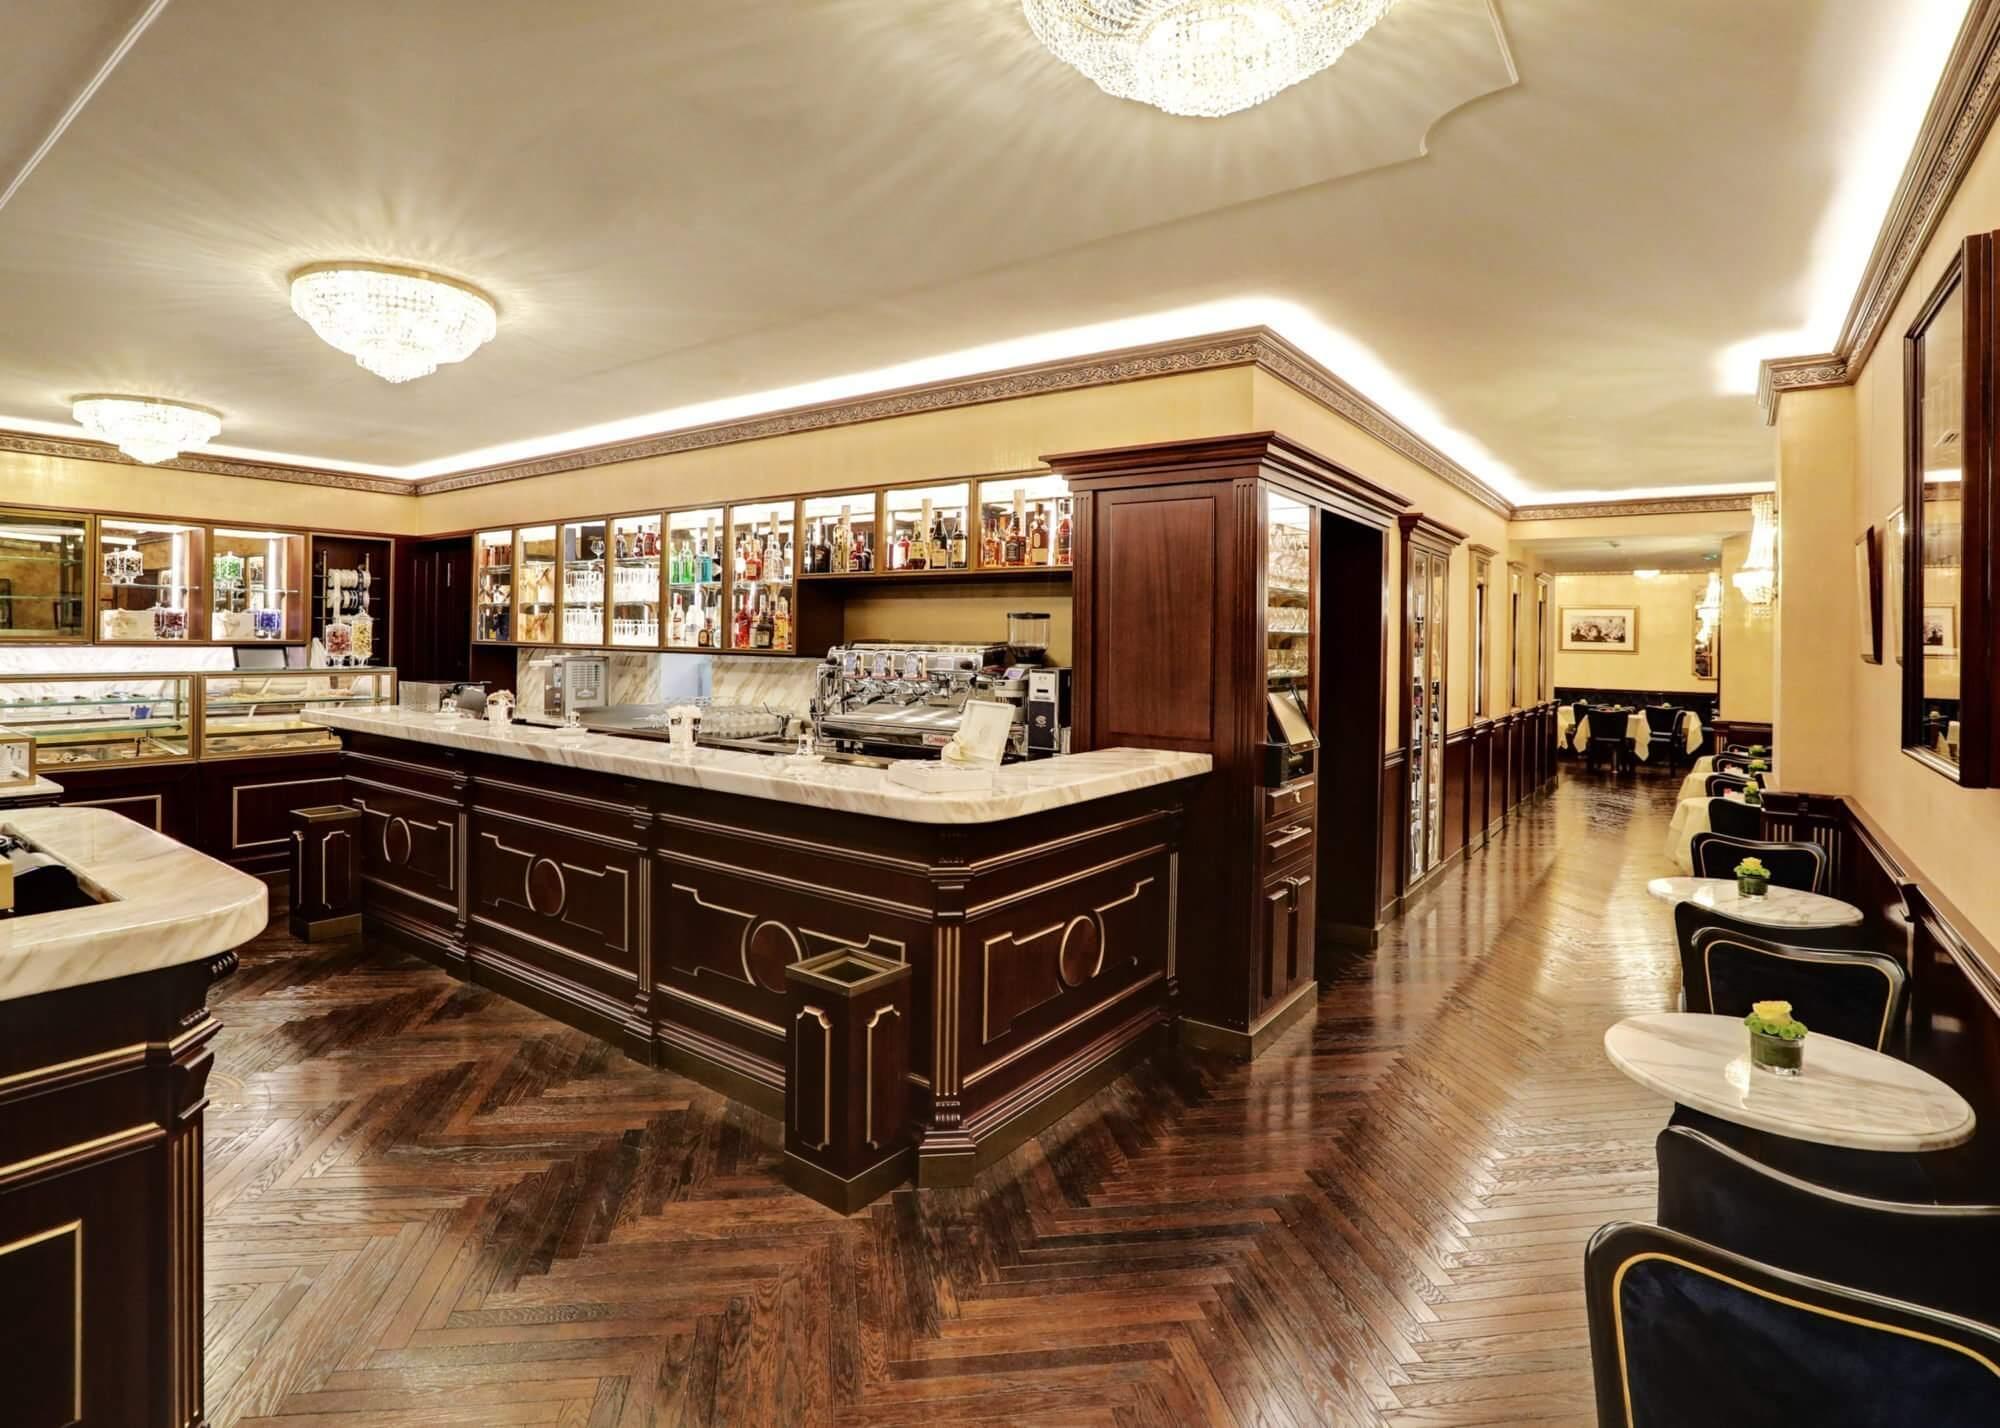 Cova Monte Carlo Interior e1538134205736 CAFFE STORICI MILANO